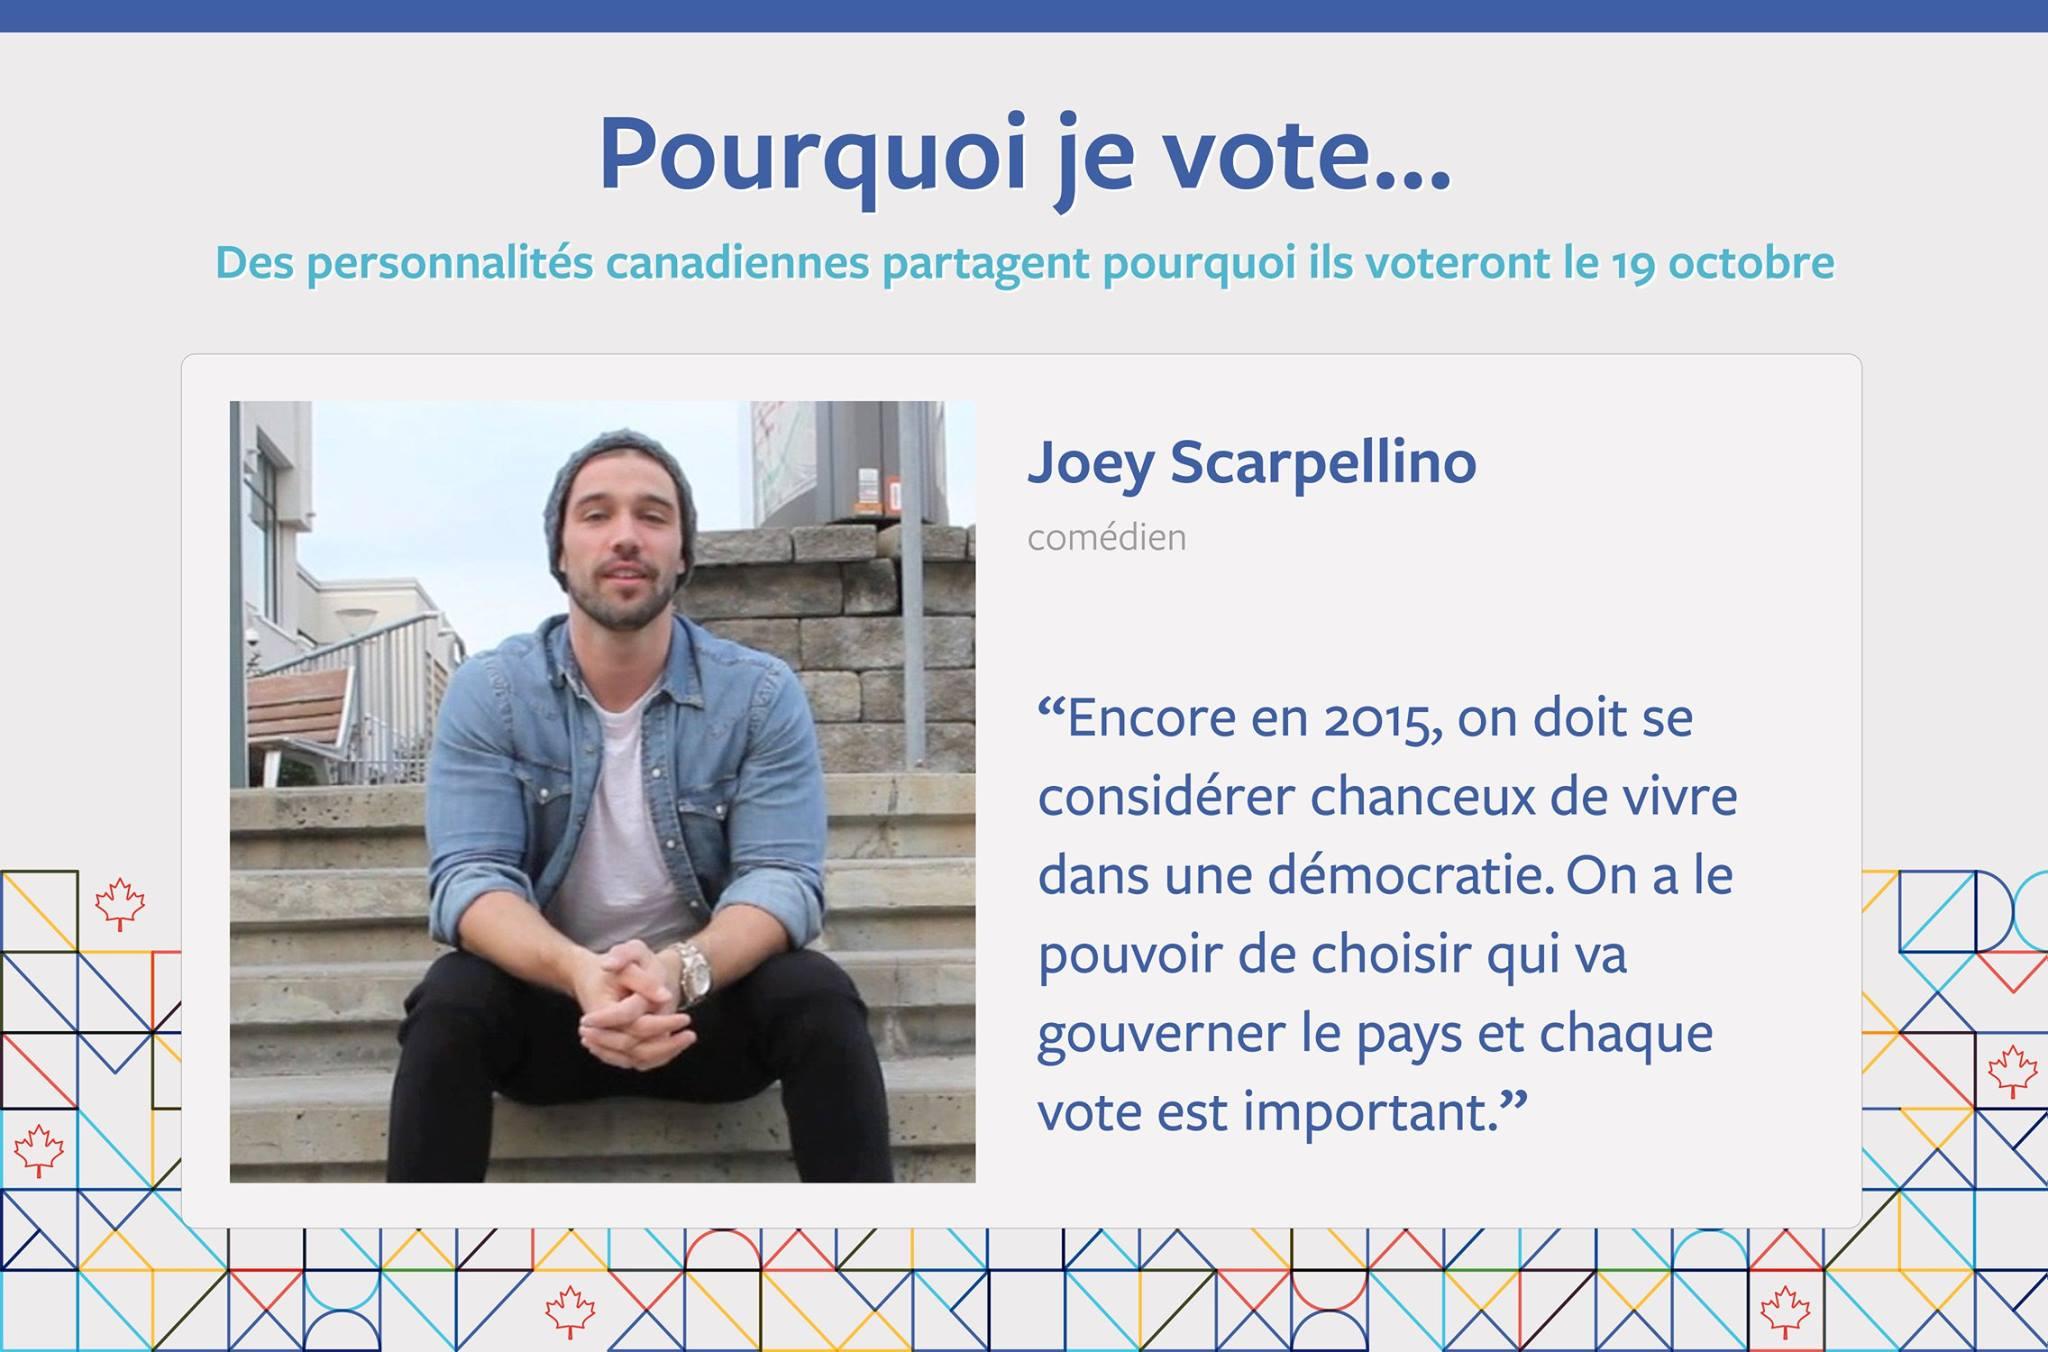 La raison pour laquelle Joey Scarpellino ira voter le 19 octobre prochain.